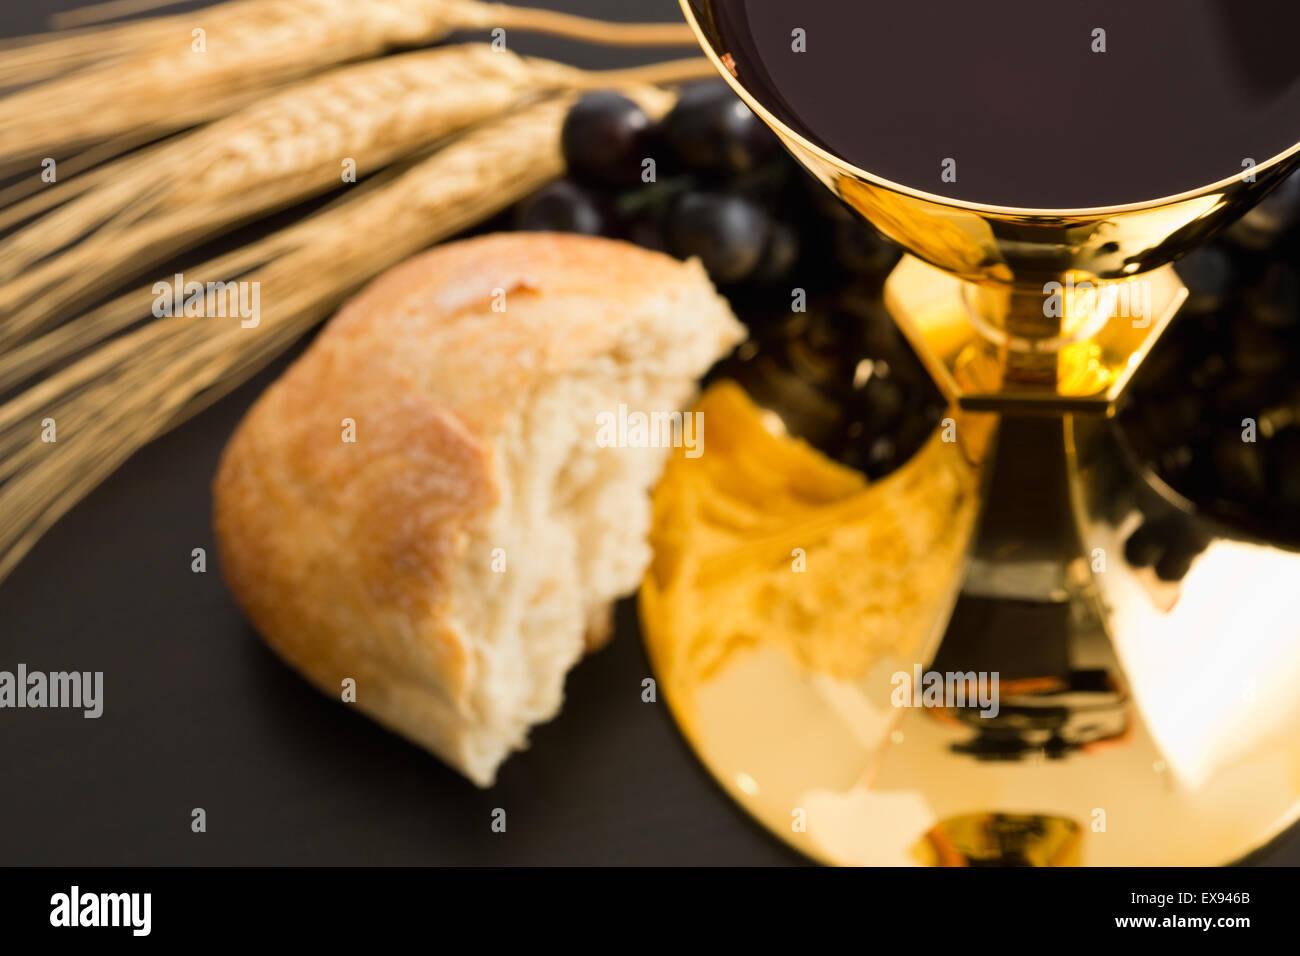 Offerta religiosa, il cristianesimo, oro calice con il vino, uva, pane e le colture Immagini Stock